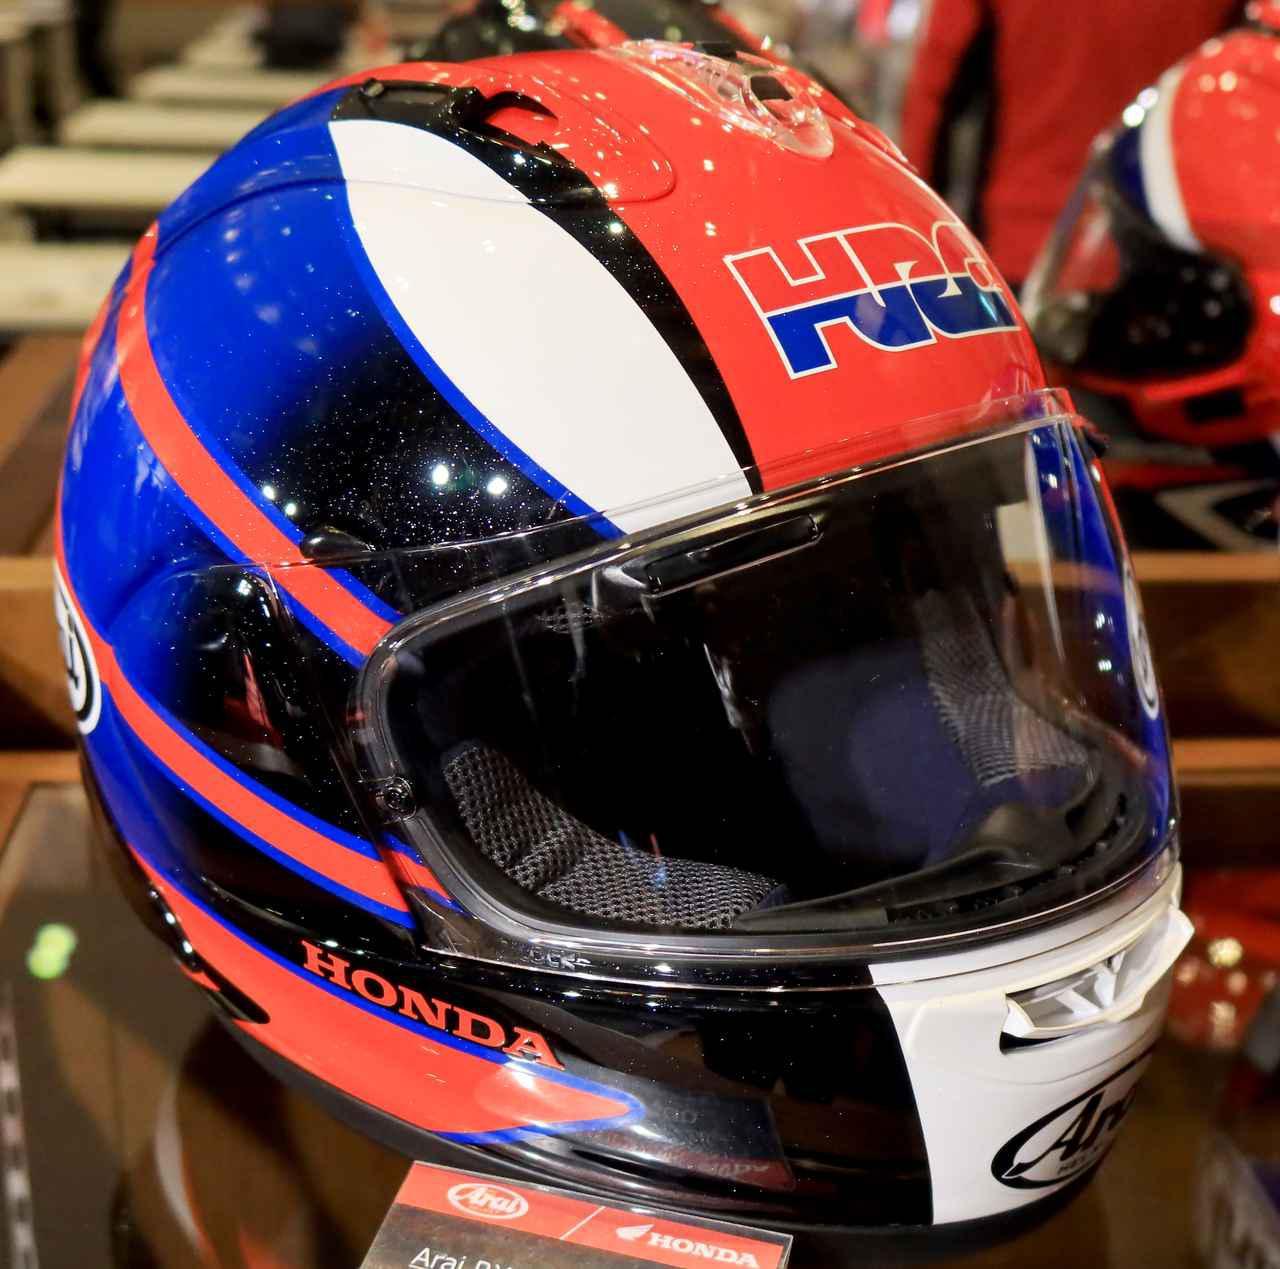 画像: アライ×ホンダの特注「RX-7X」、額にはHRC! CBR1000RR-Rにぴったりなフルフェイスヘルメットがお披露目された! - webオートバイ